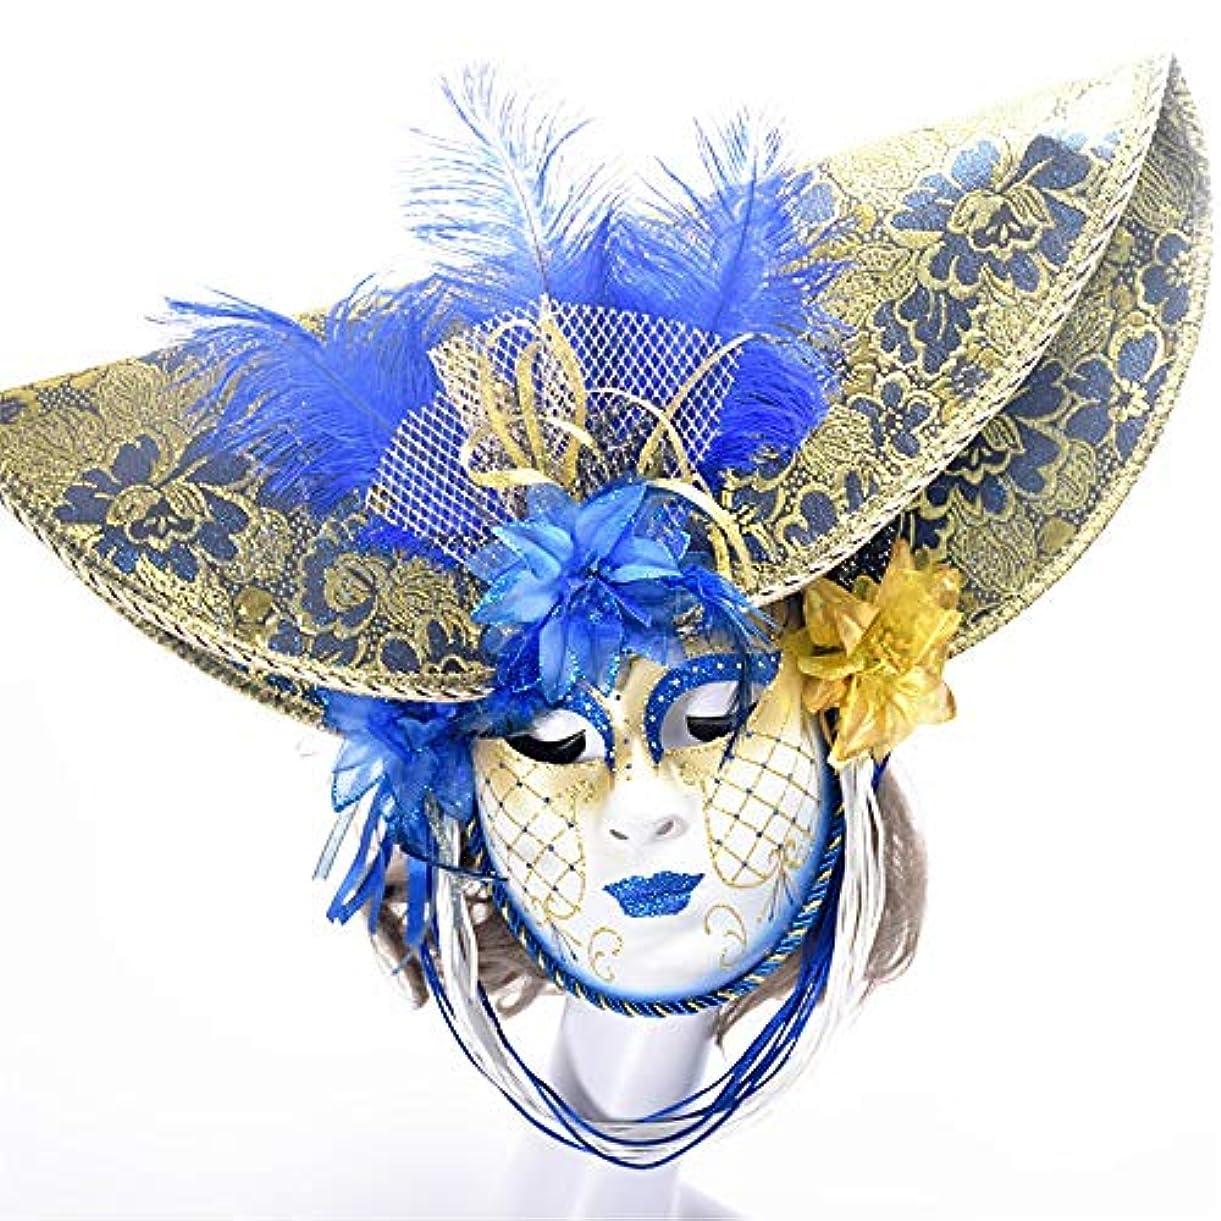 気になる説得裏切るダンスマスク 手描きフルフェイスマスク大人仮装パーティーブルーフェイスナイトクラブパーティーフェスティバルロールプレイングプラスチックマスク ホリデーパーティー用品 (色 : 青, サイズ : 55x35cm)